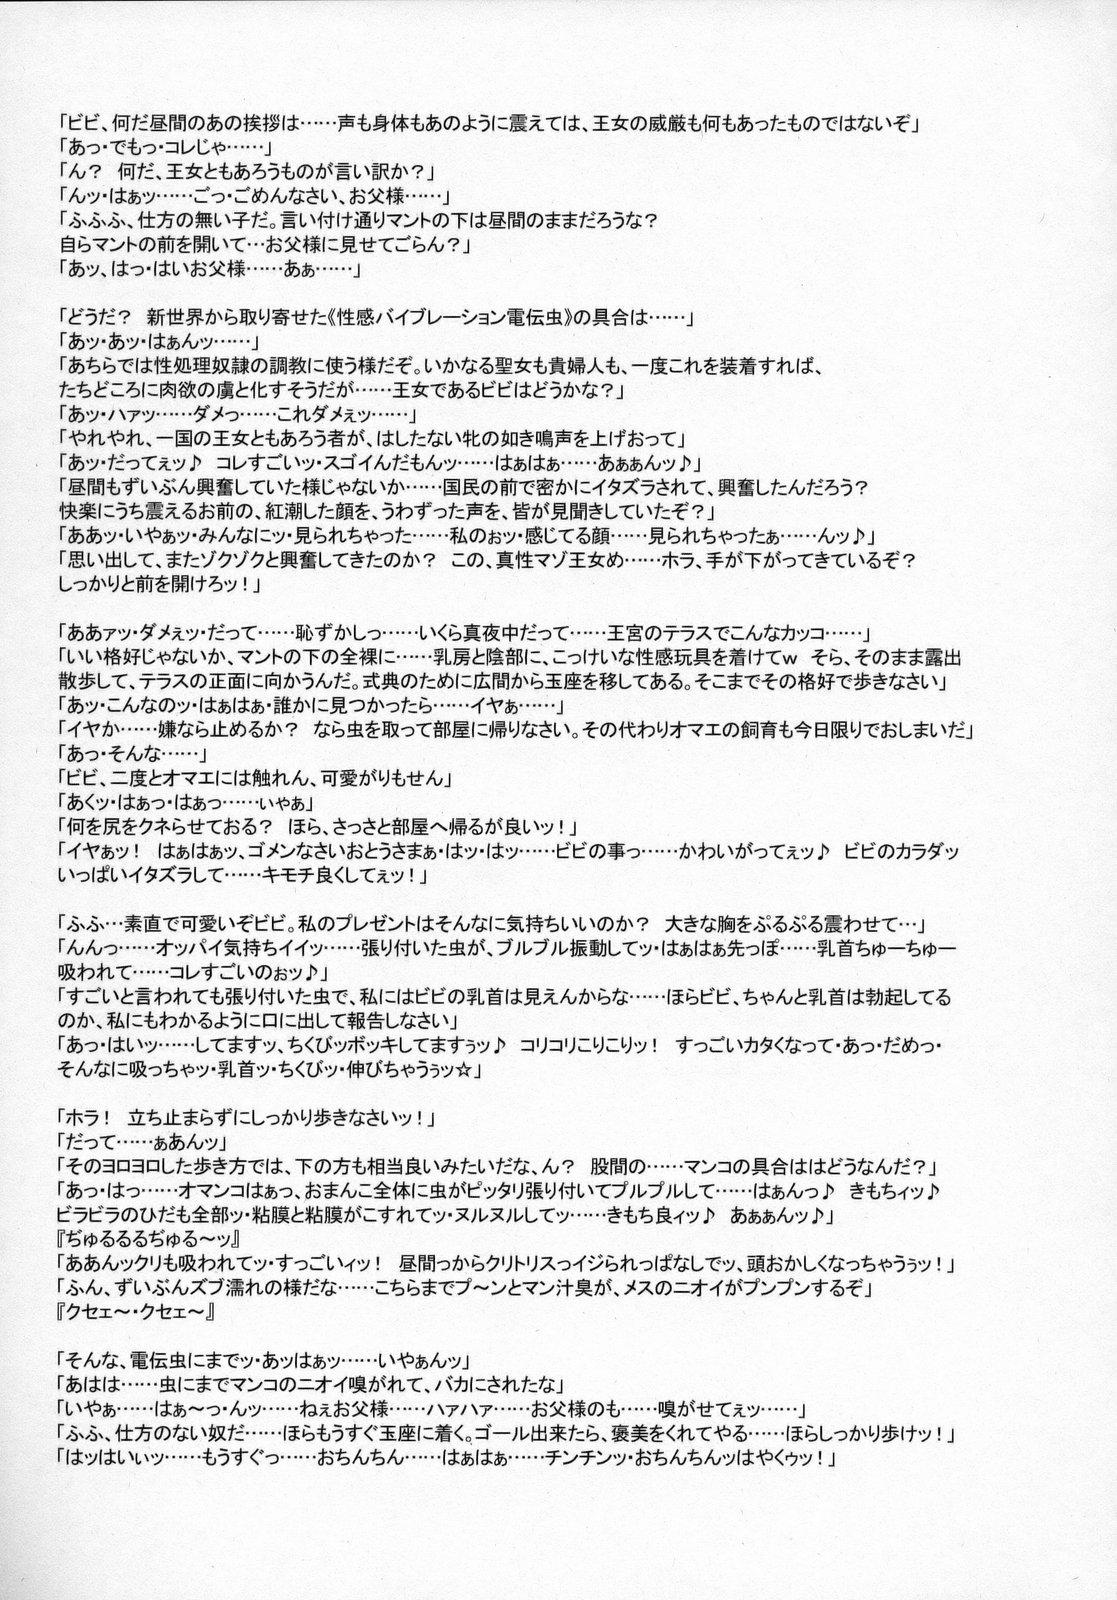 Nippon Practice 2 25